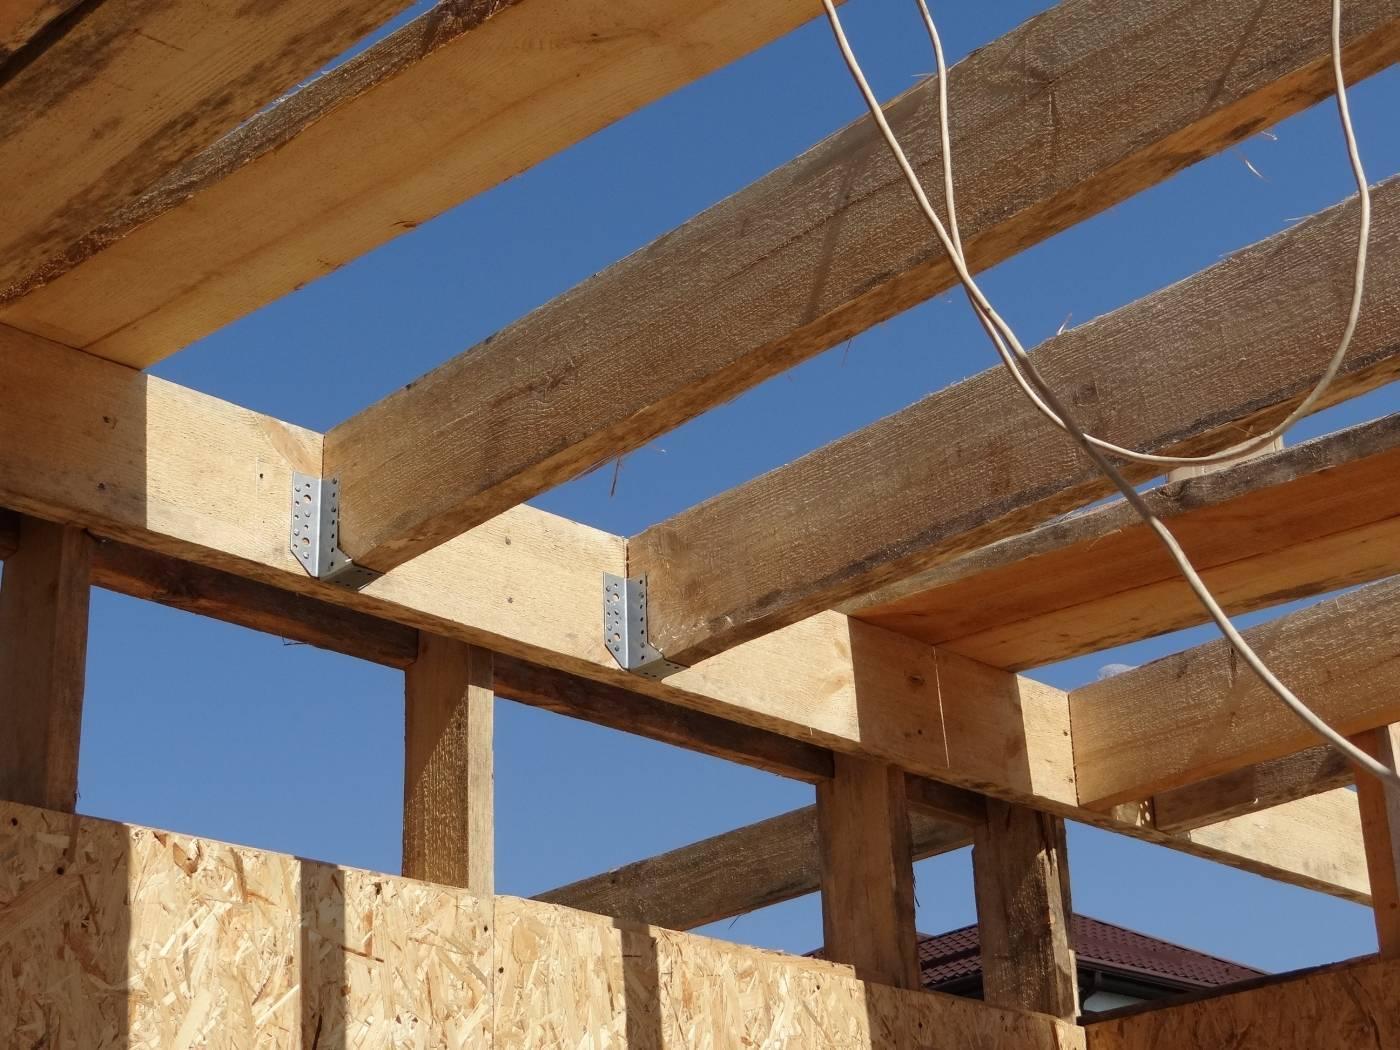 Деревянное перекрытие второго этажа. как сделать деревянное перекрытие между этажами в кирпичном доме